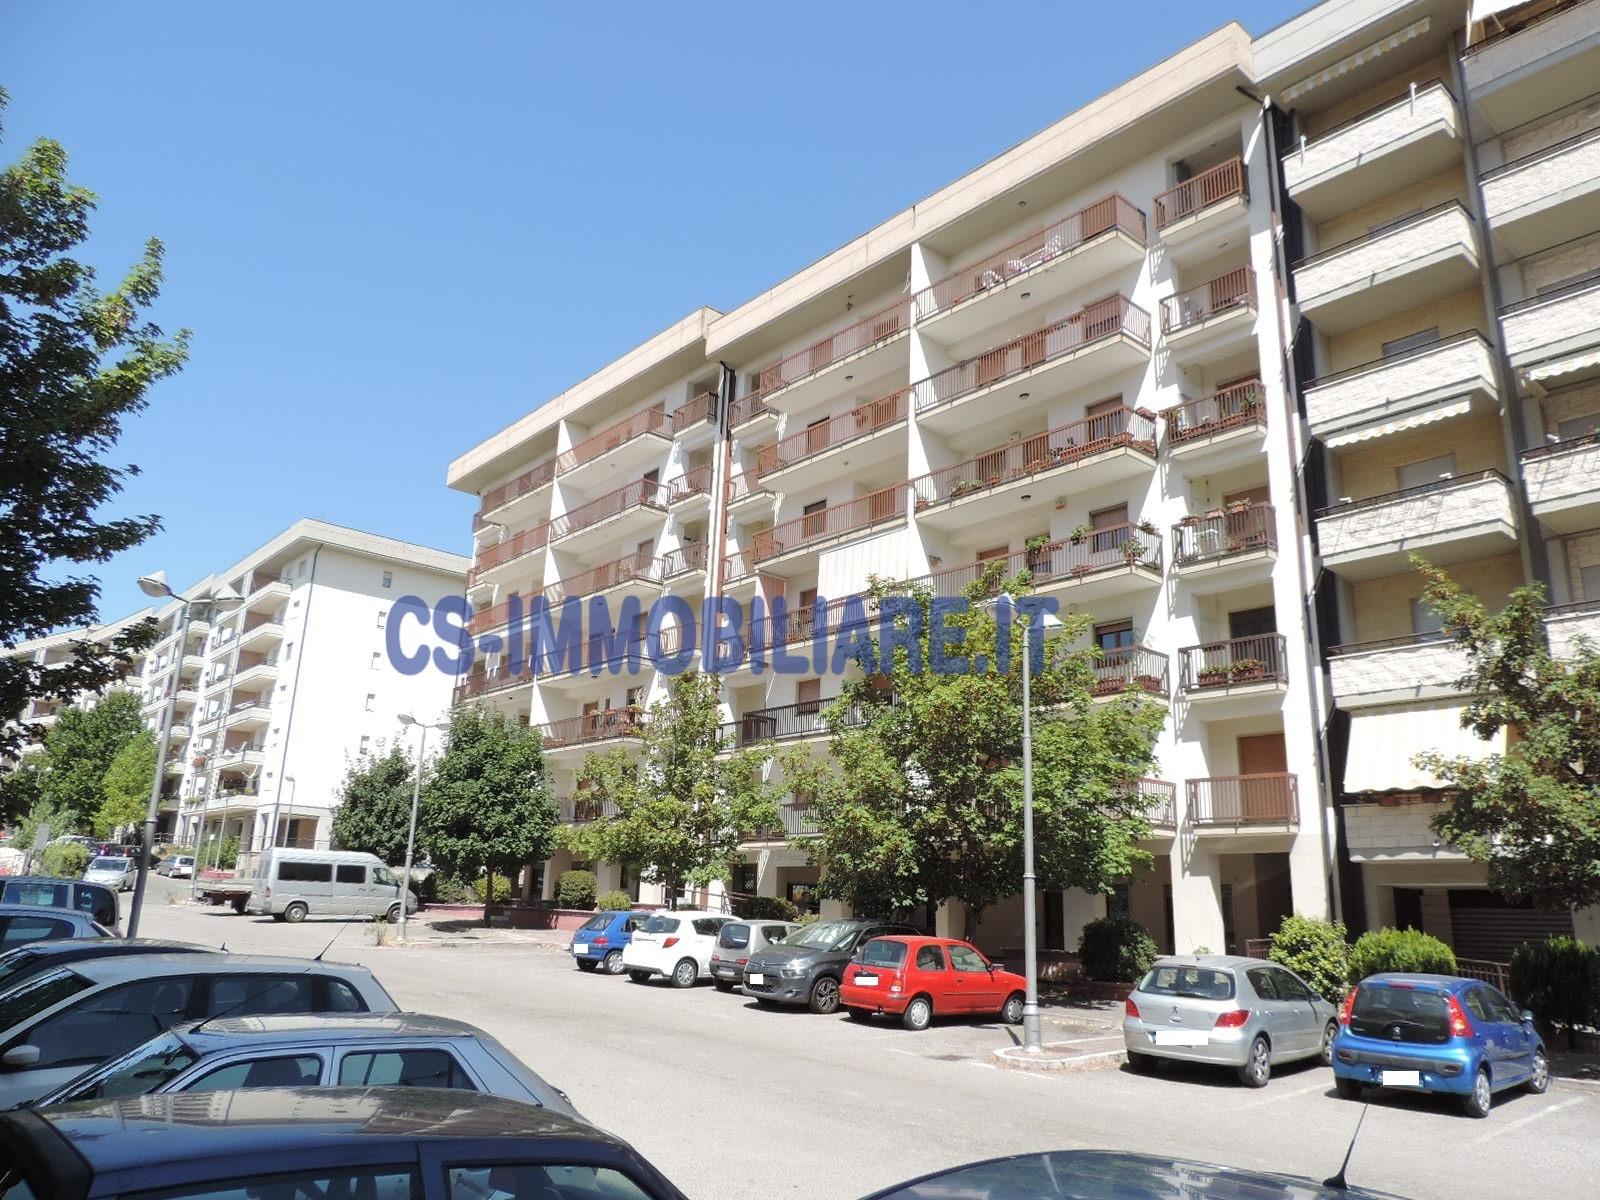 Appartamento in affitto a Potenza, 5 locali, zona Località: MacchiaRomanaCooperativa, prezzo € 500 | CambioCasa.it